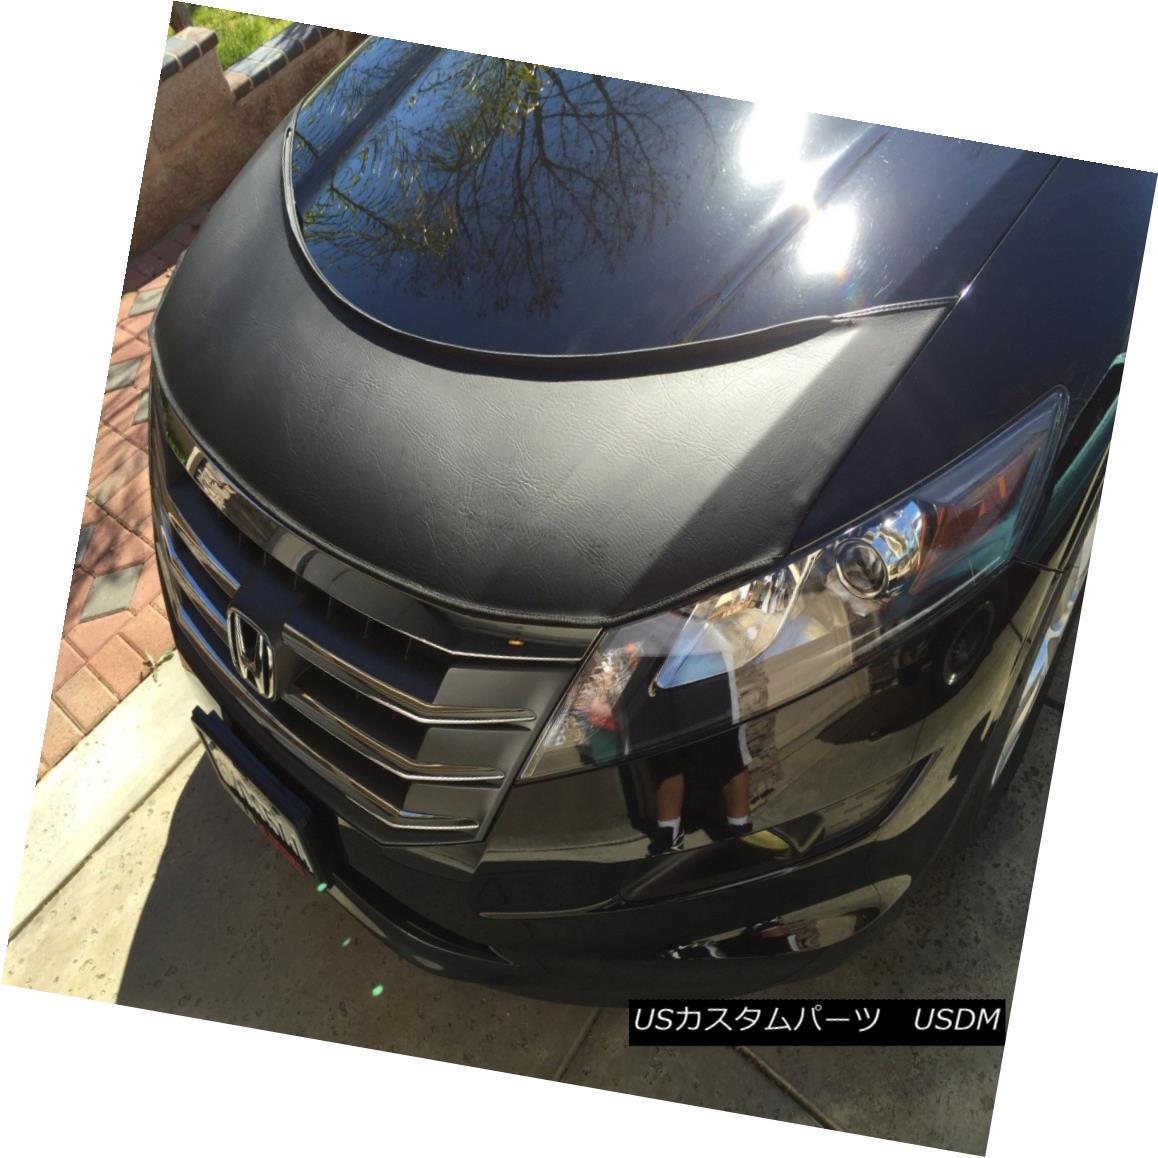 フルブラ ノーズブラ Lebra Hood Protector Mini Mask Bra Fits Honda Accord Crosstour 2010-2015 Lebra Hood ProtectorミニマスクブラはHonda Accord Crosstour 2010-2015に適合